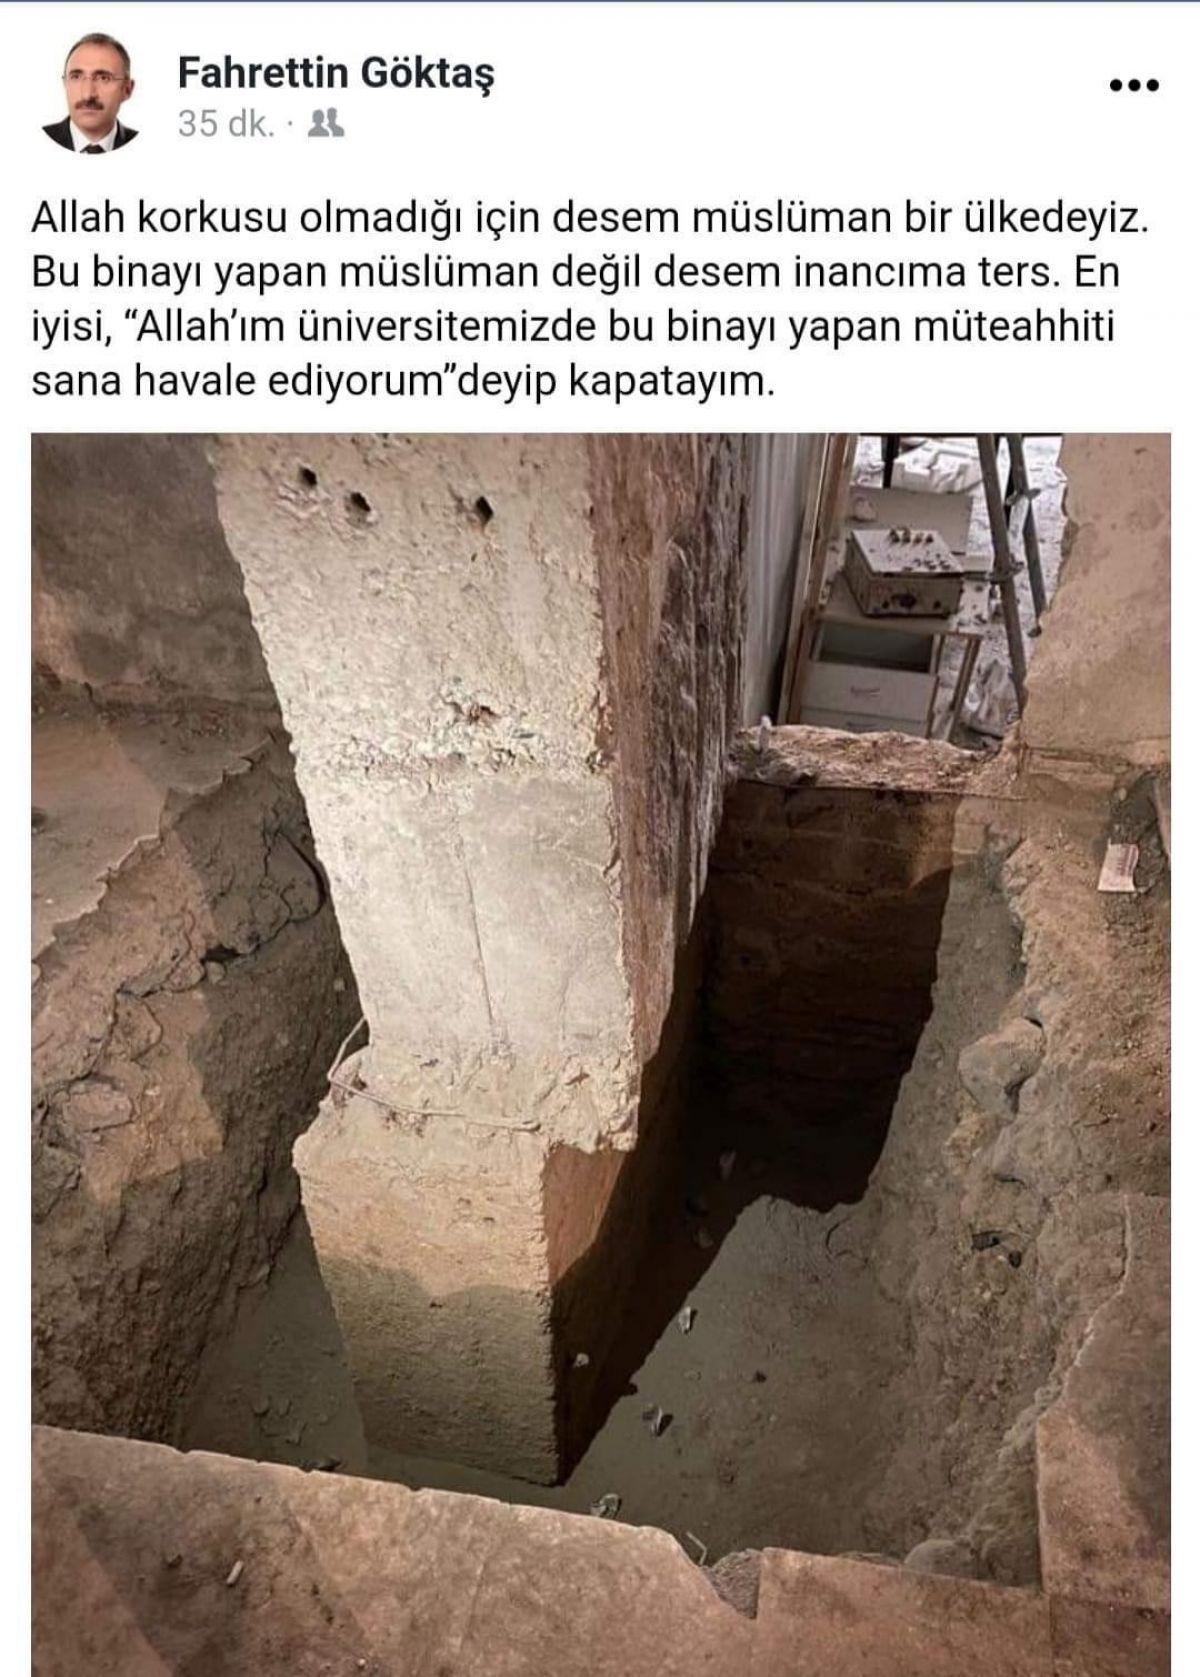 Kayık kolonu gören Fırat Üniversitesi rektörü: Müteahhidi Allah a havale ediyorum #1